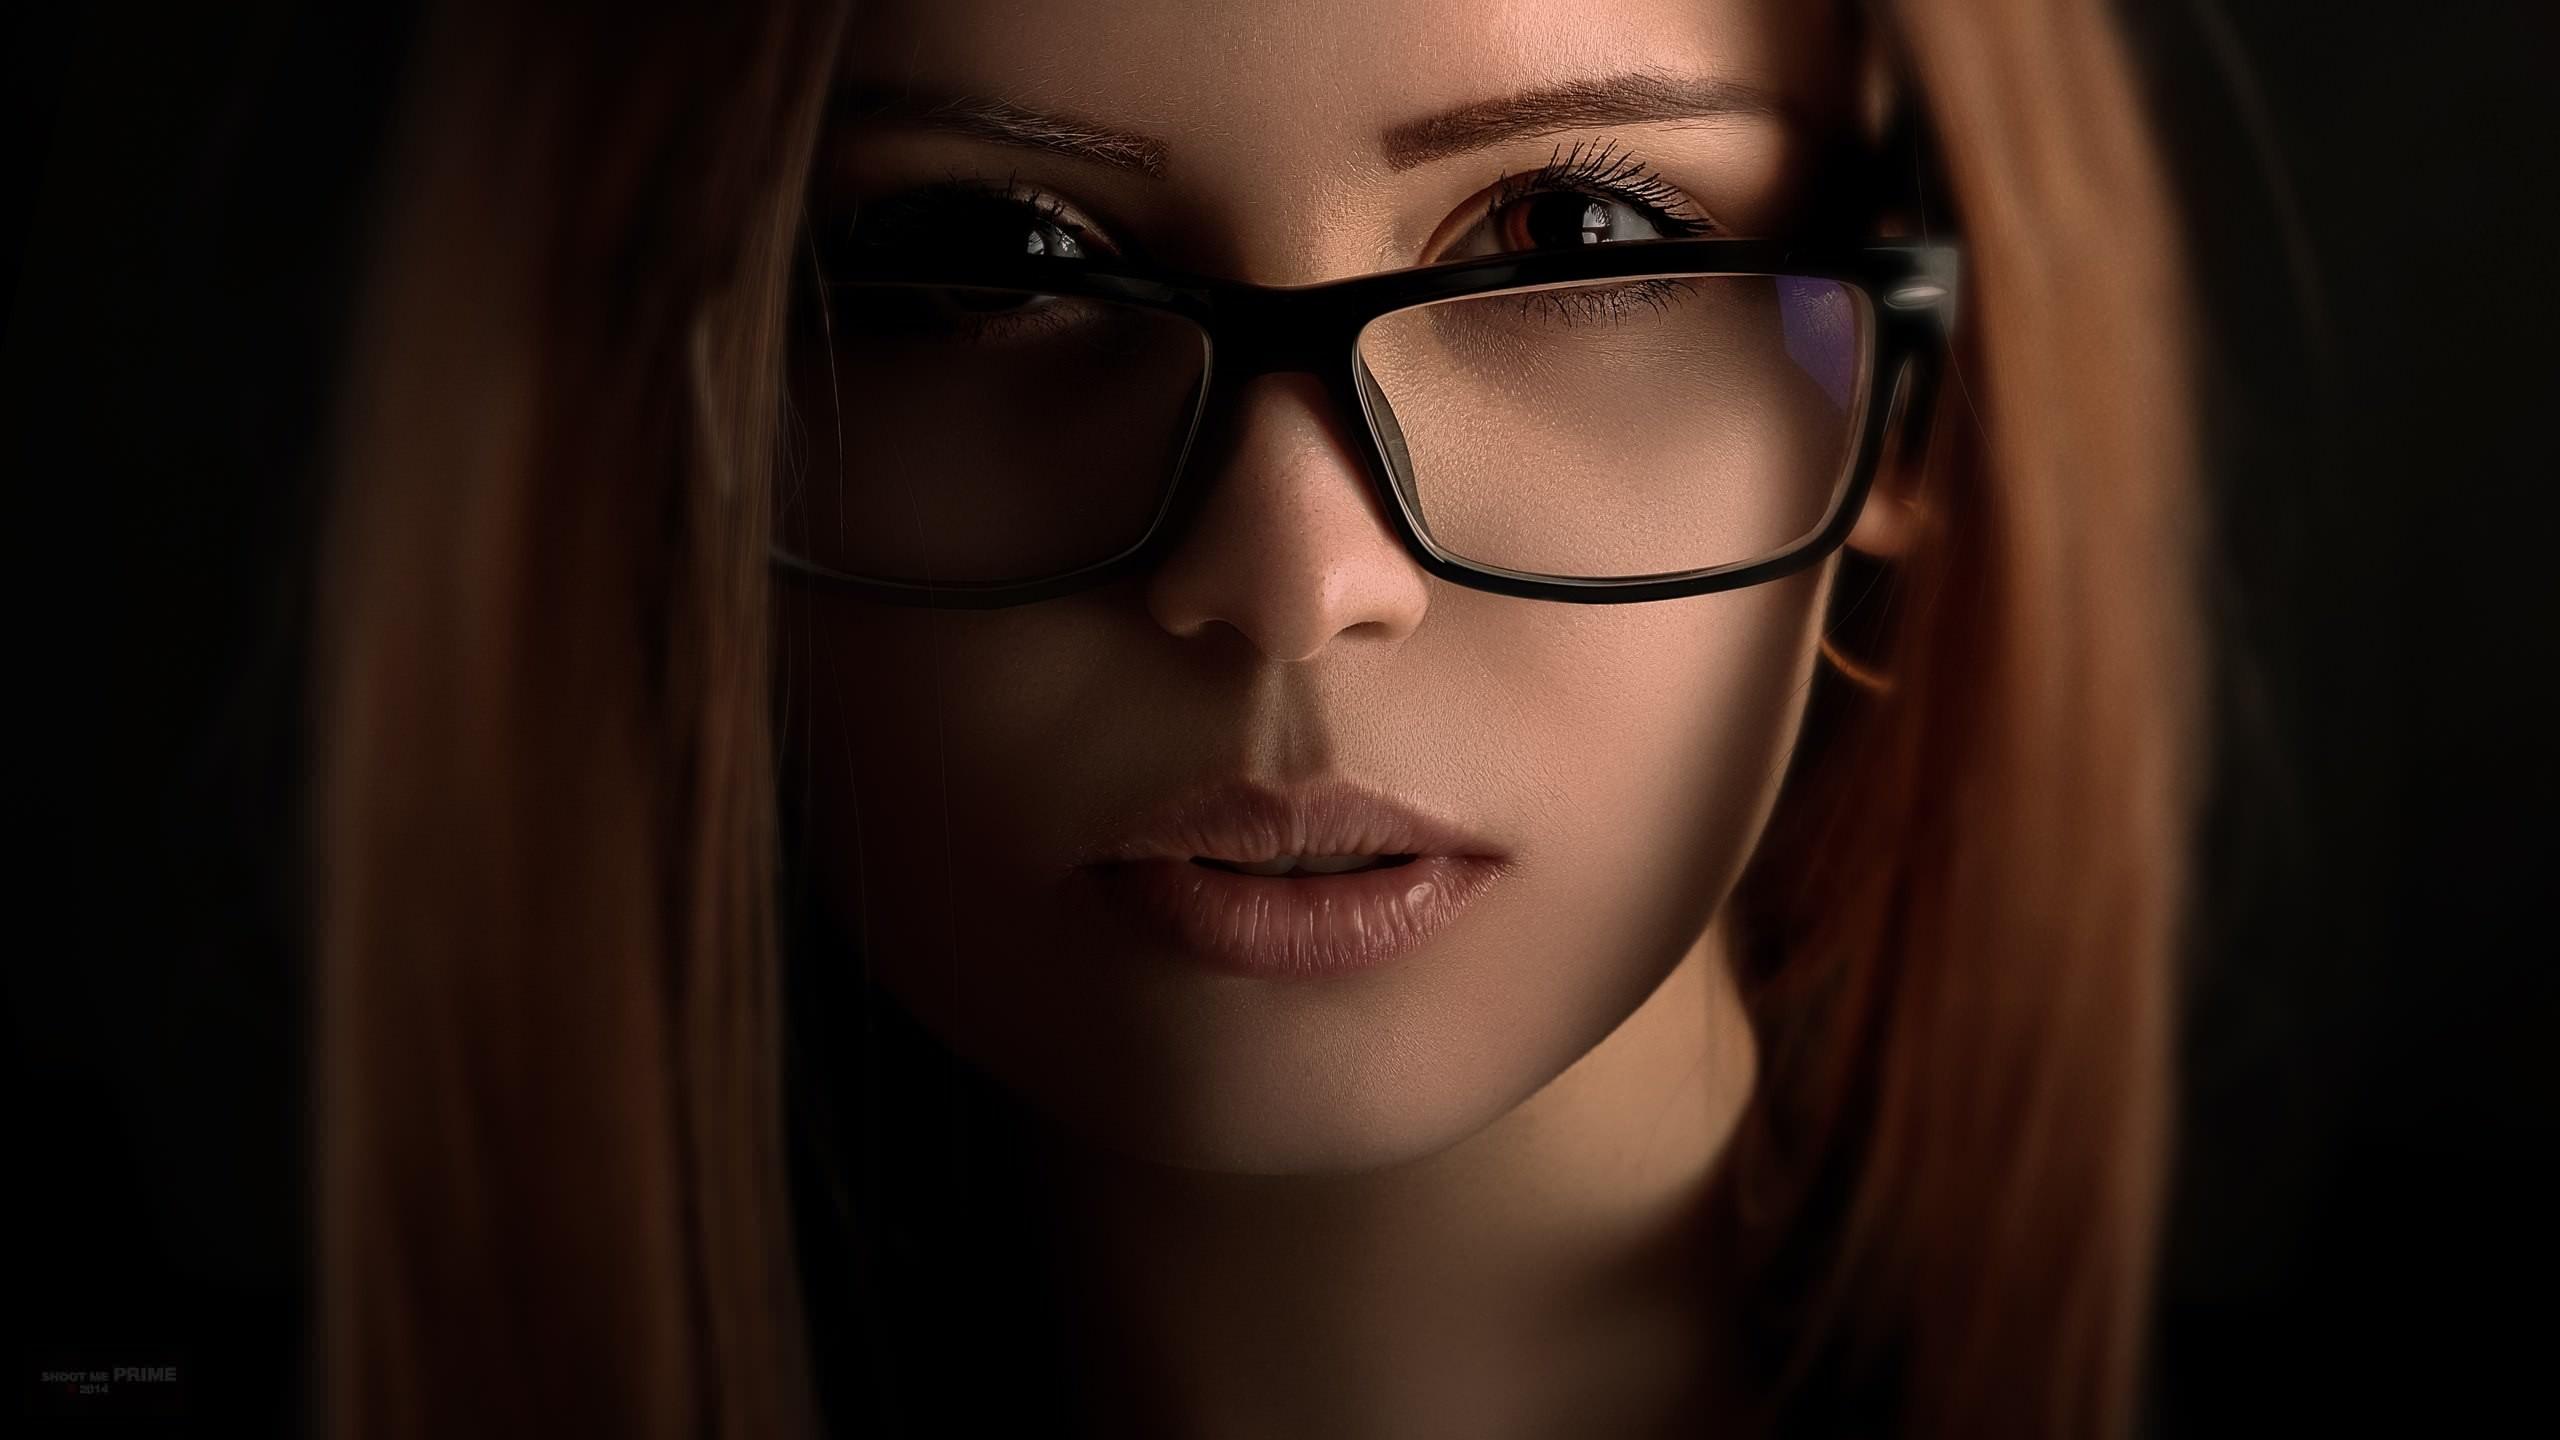 Картинки девушек в очках на рабочем столе